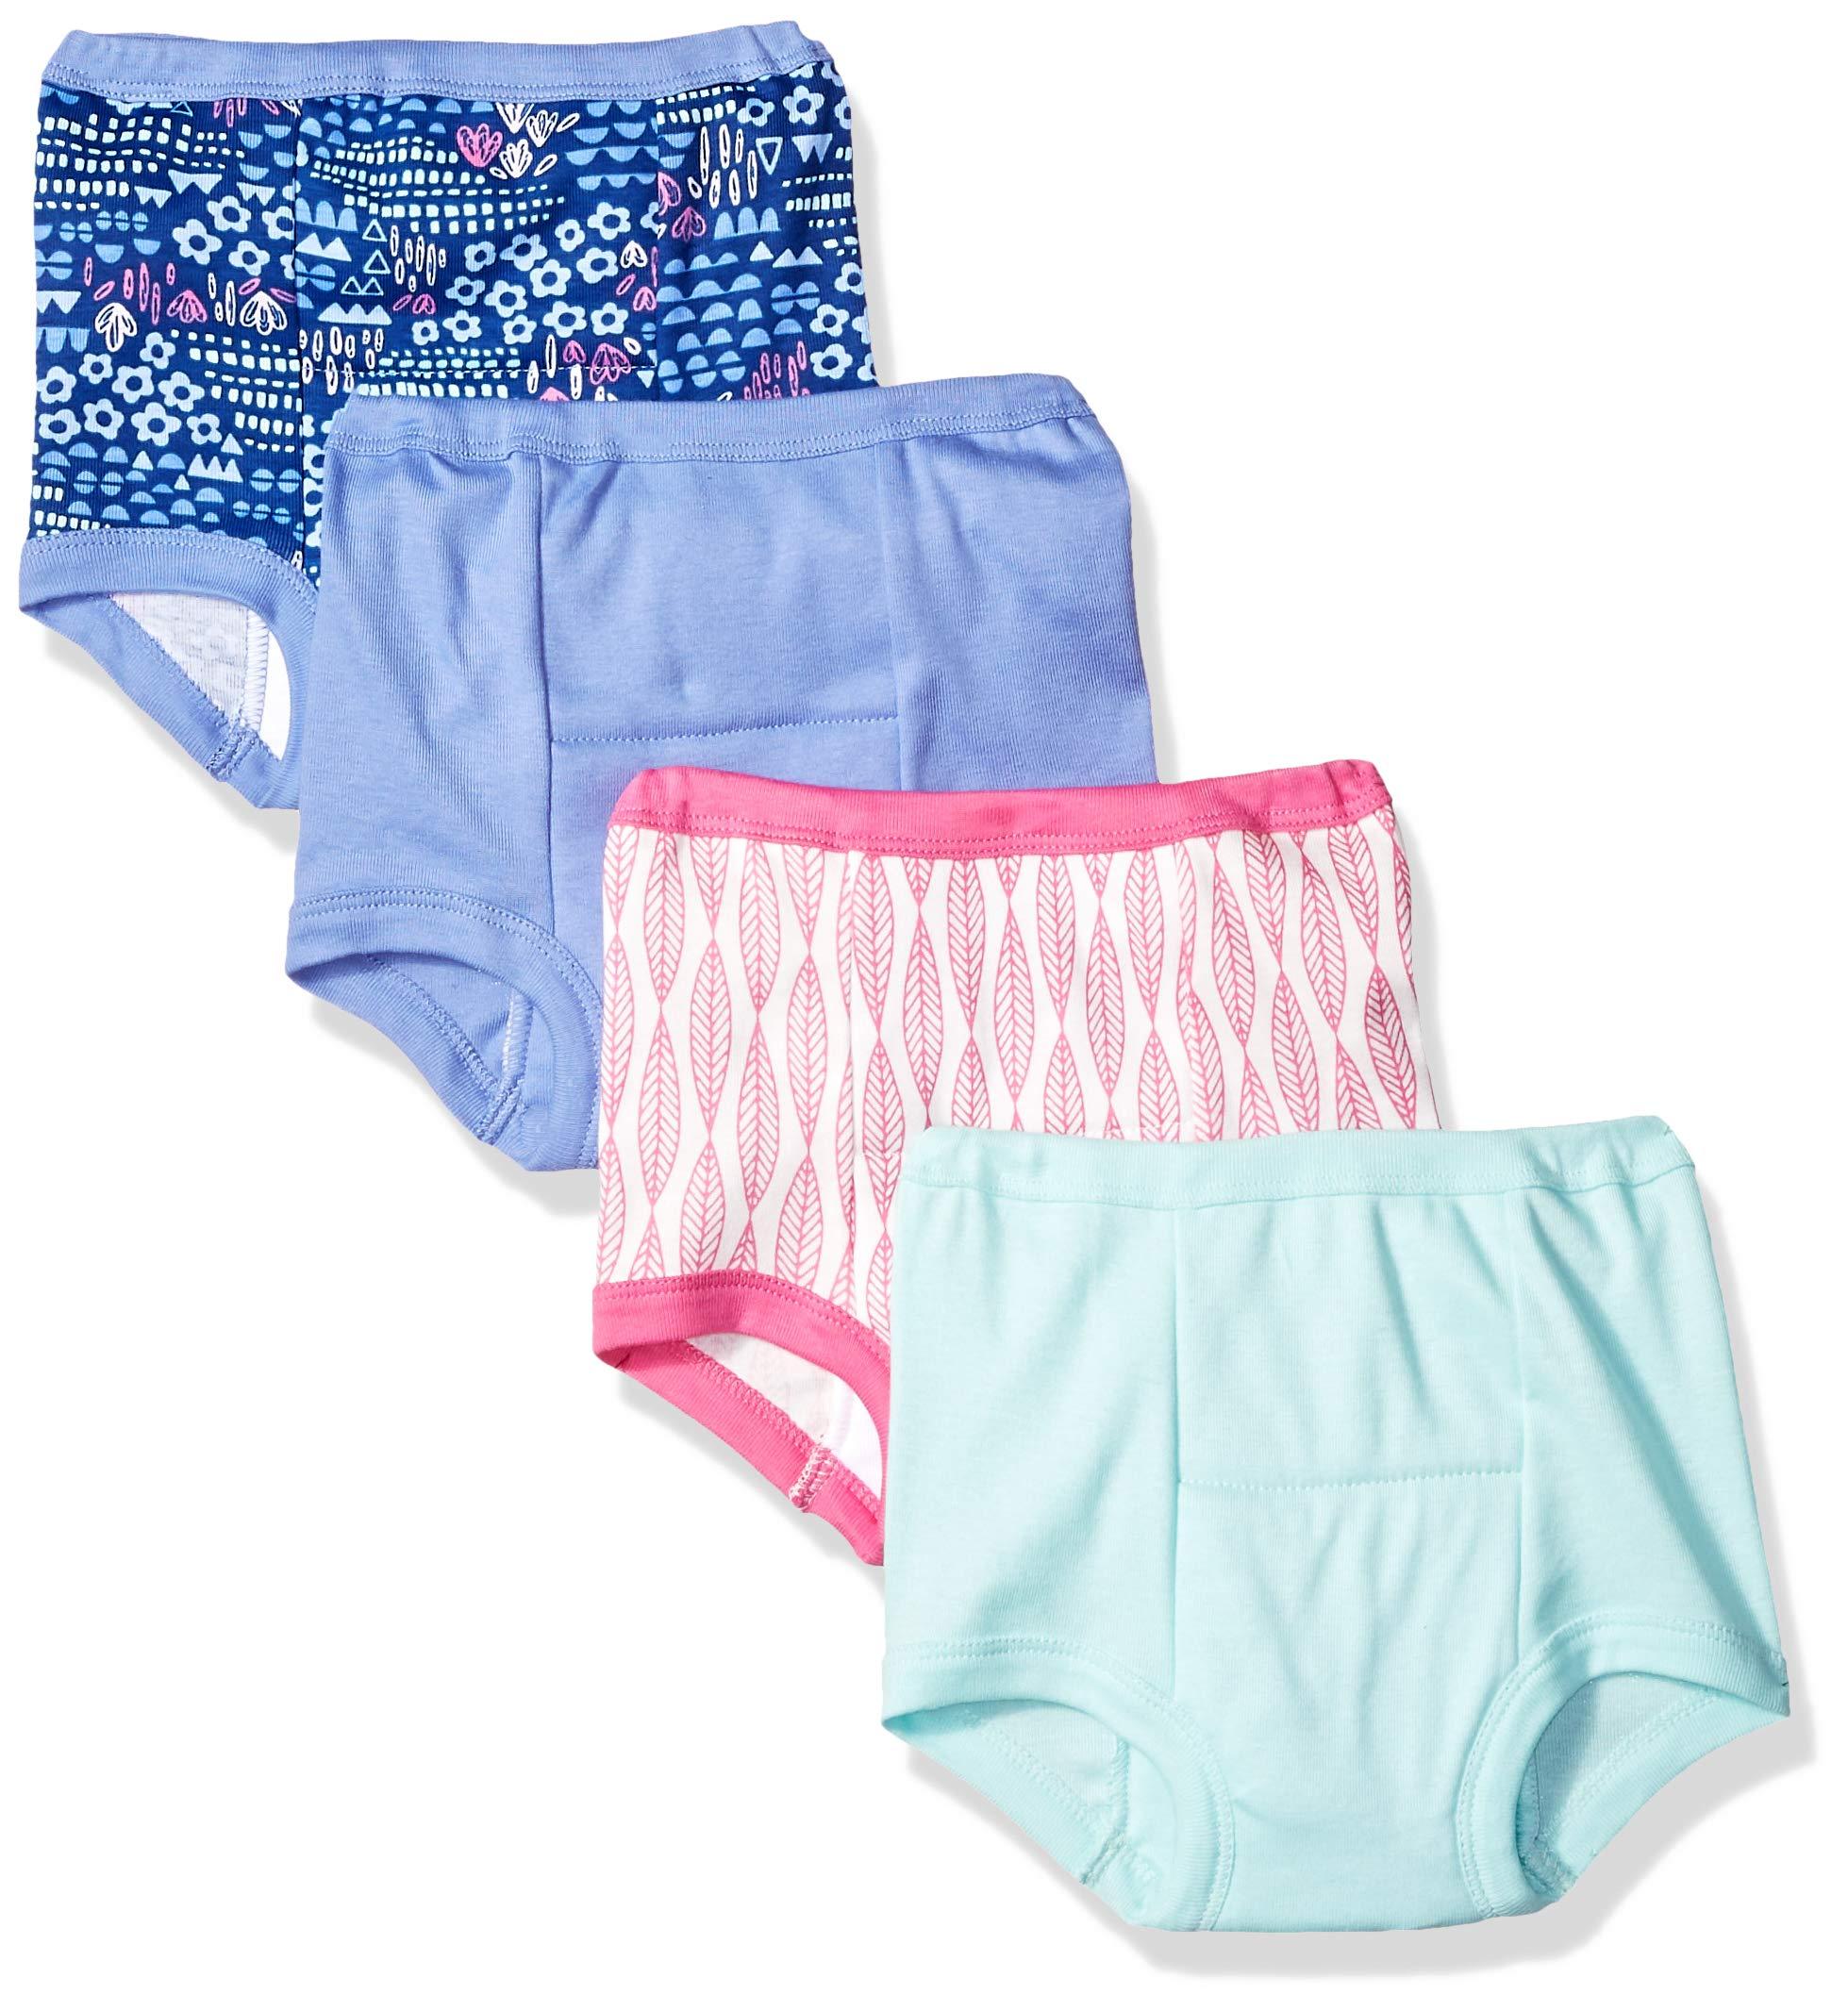 Lamaze Girls' Toddler Organic 4 Pack Training Pants, Pink, 3T